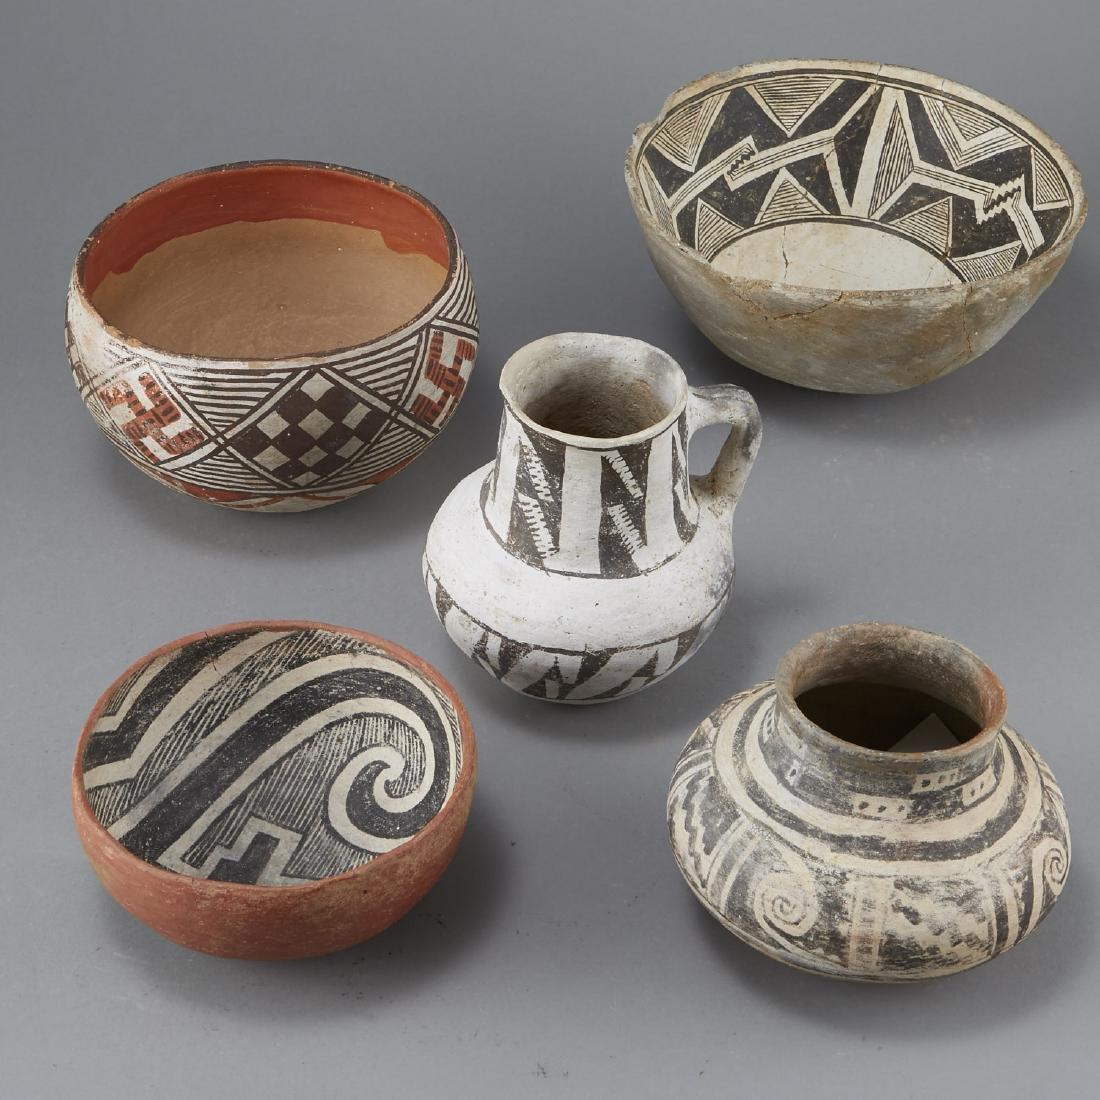 5 Prehistoric Pottery Pieces